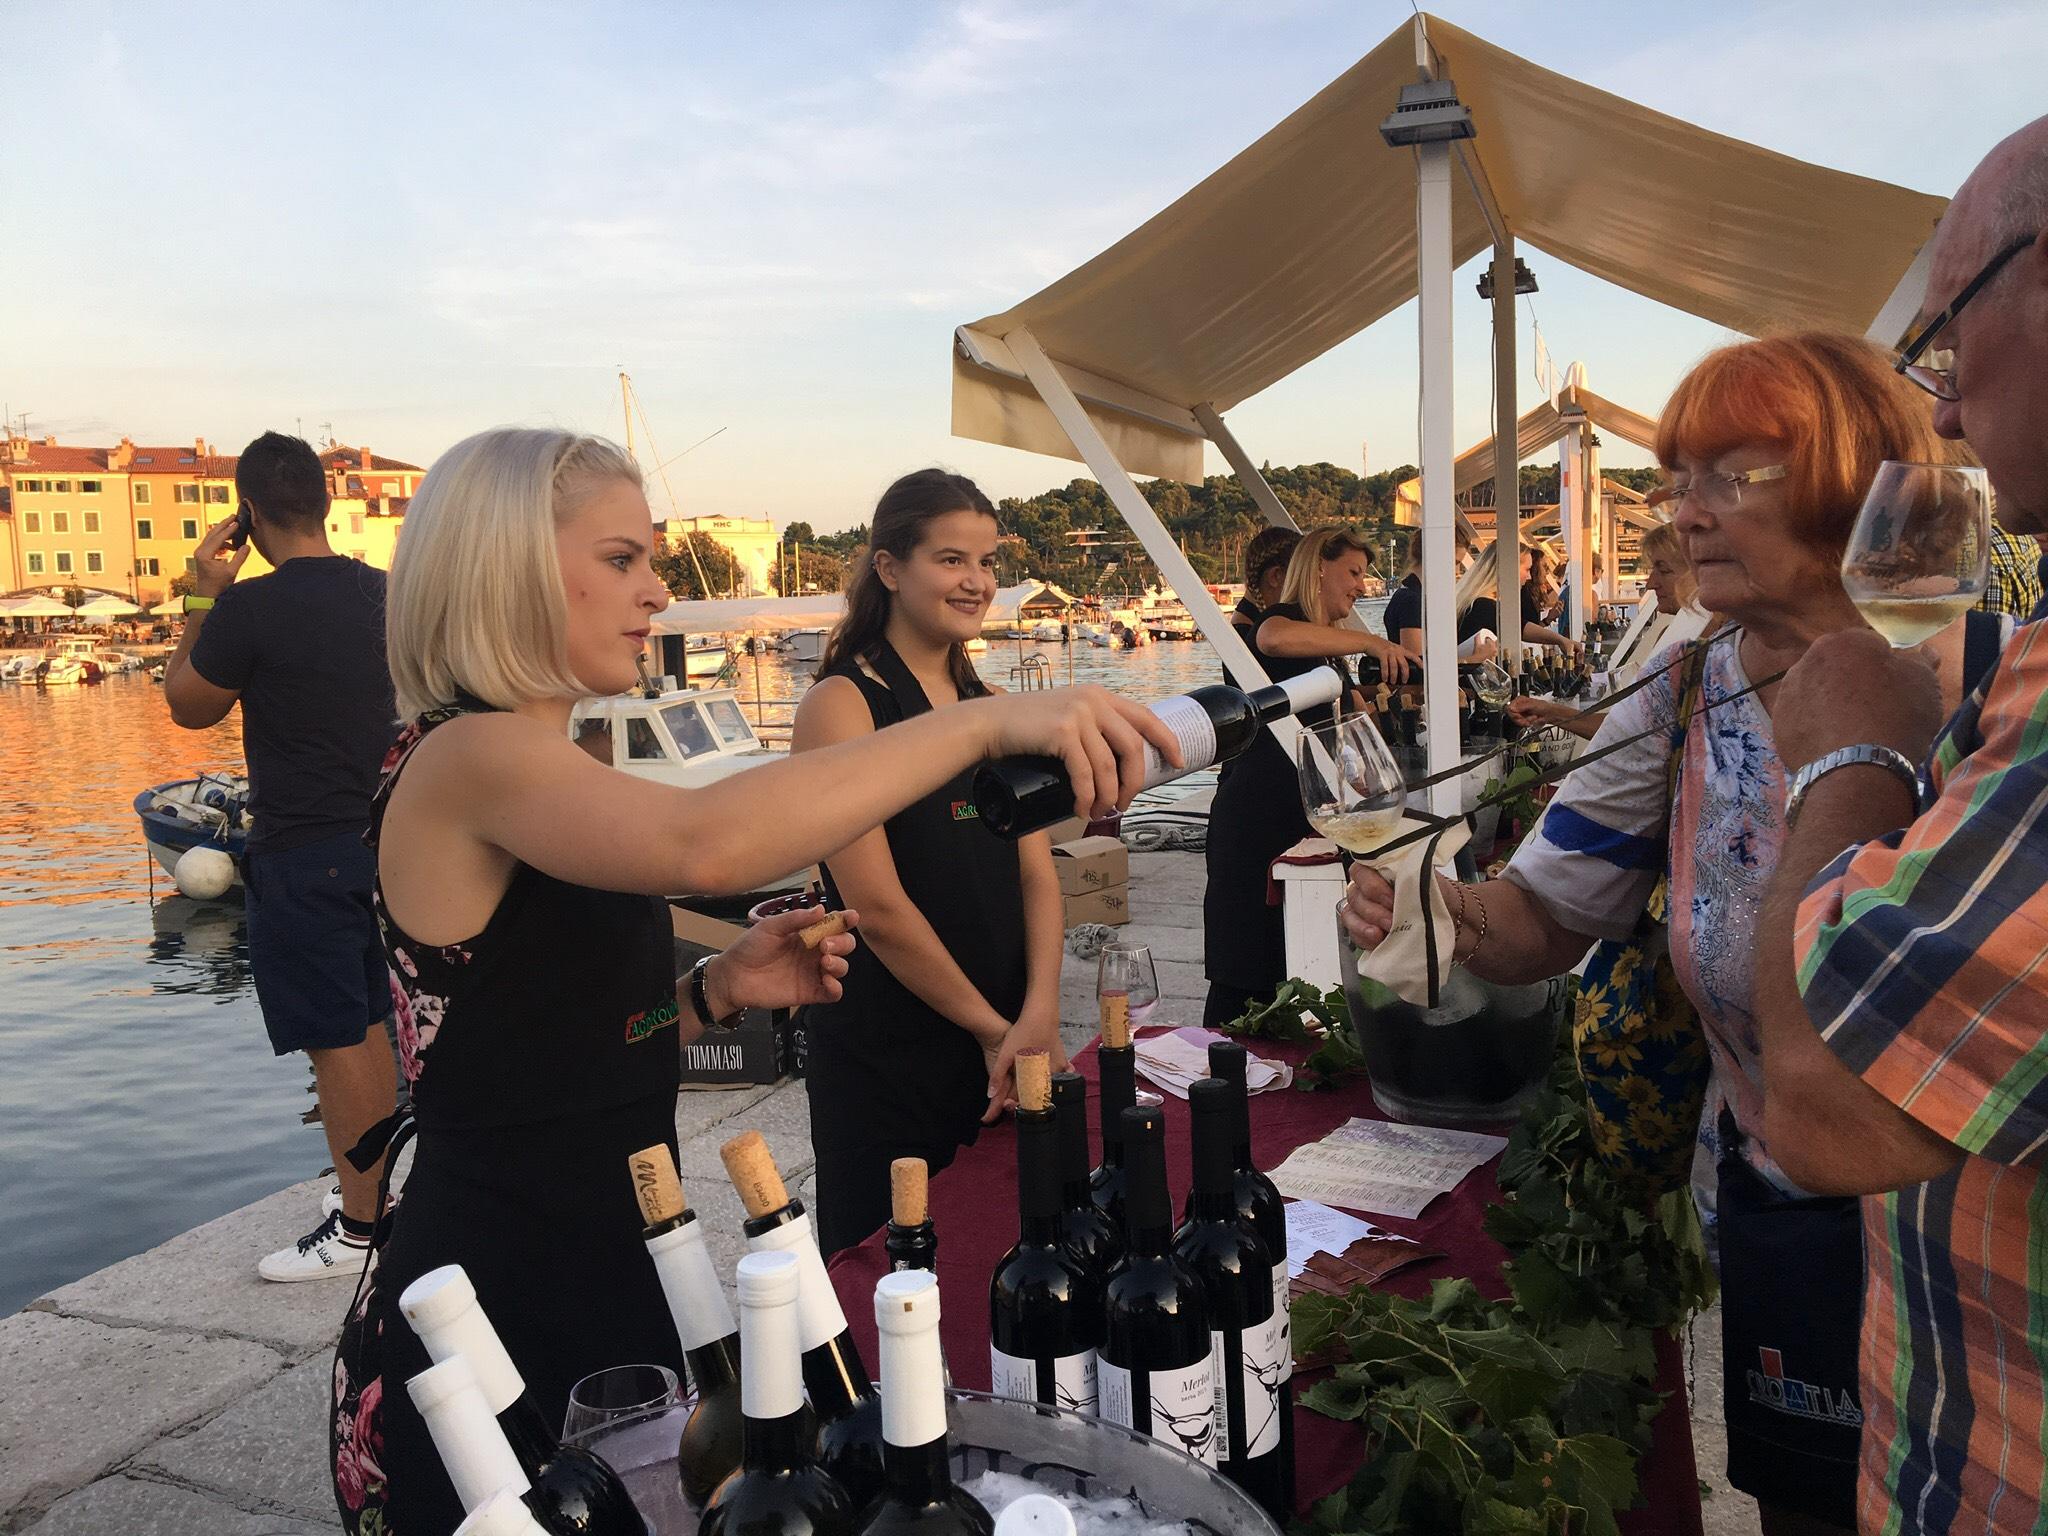 U srijedu se u Rovinju-Rovigno održava Festival vina i istarske supe